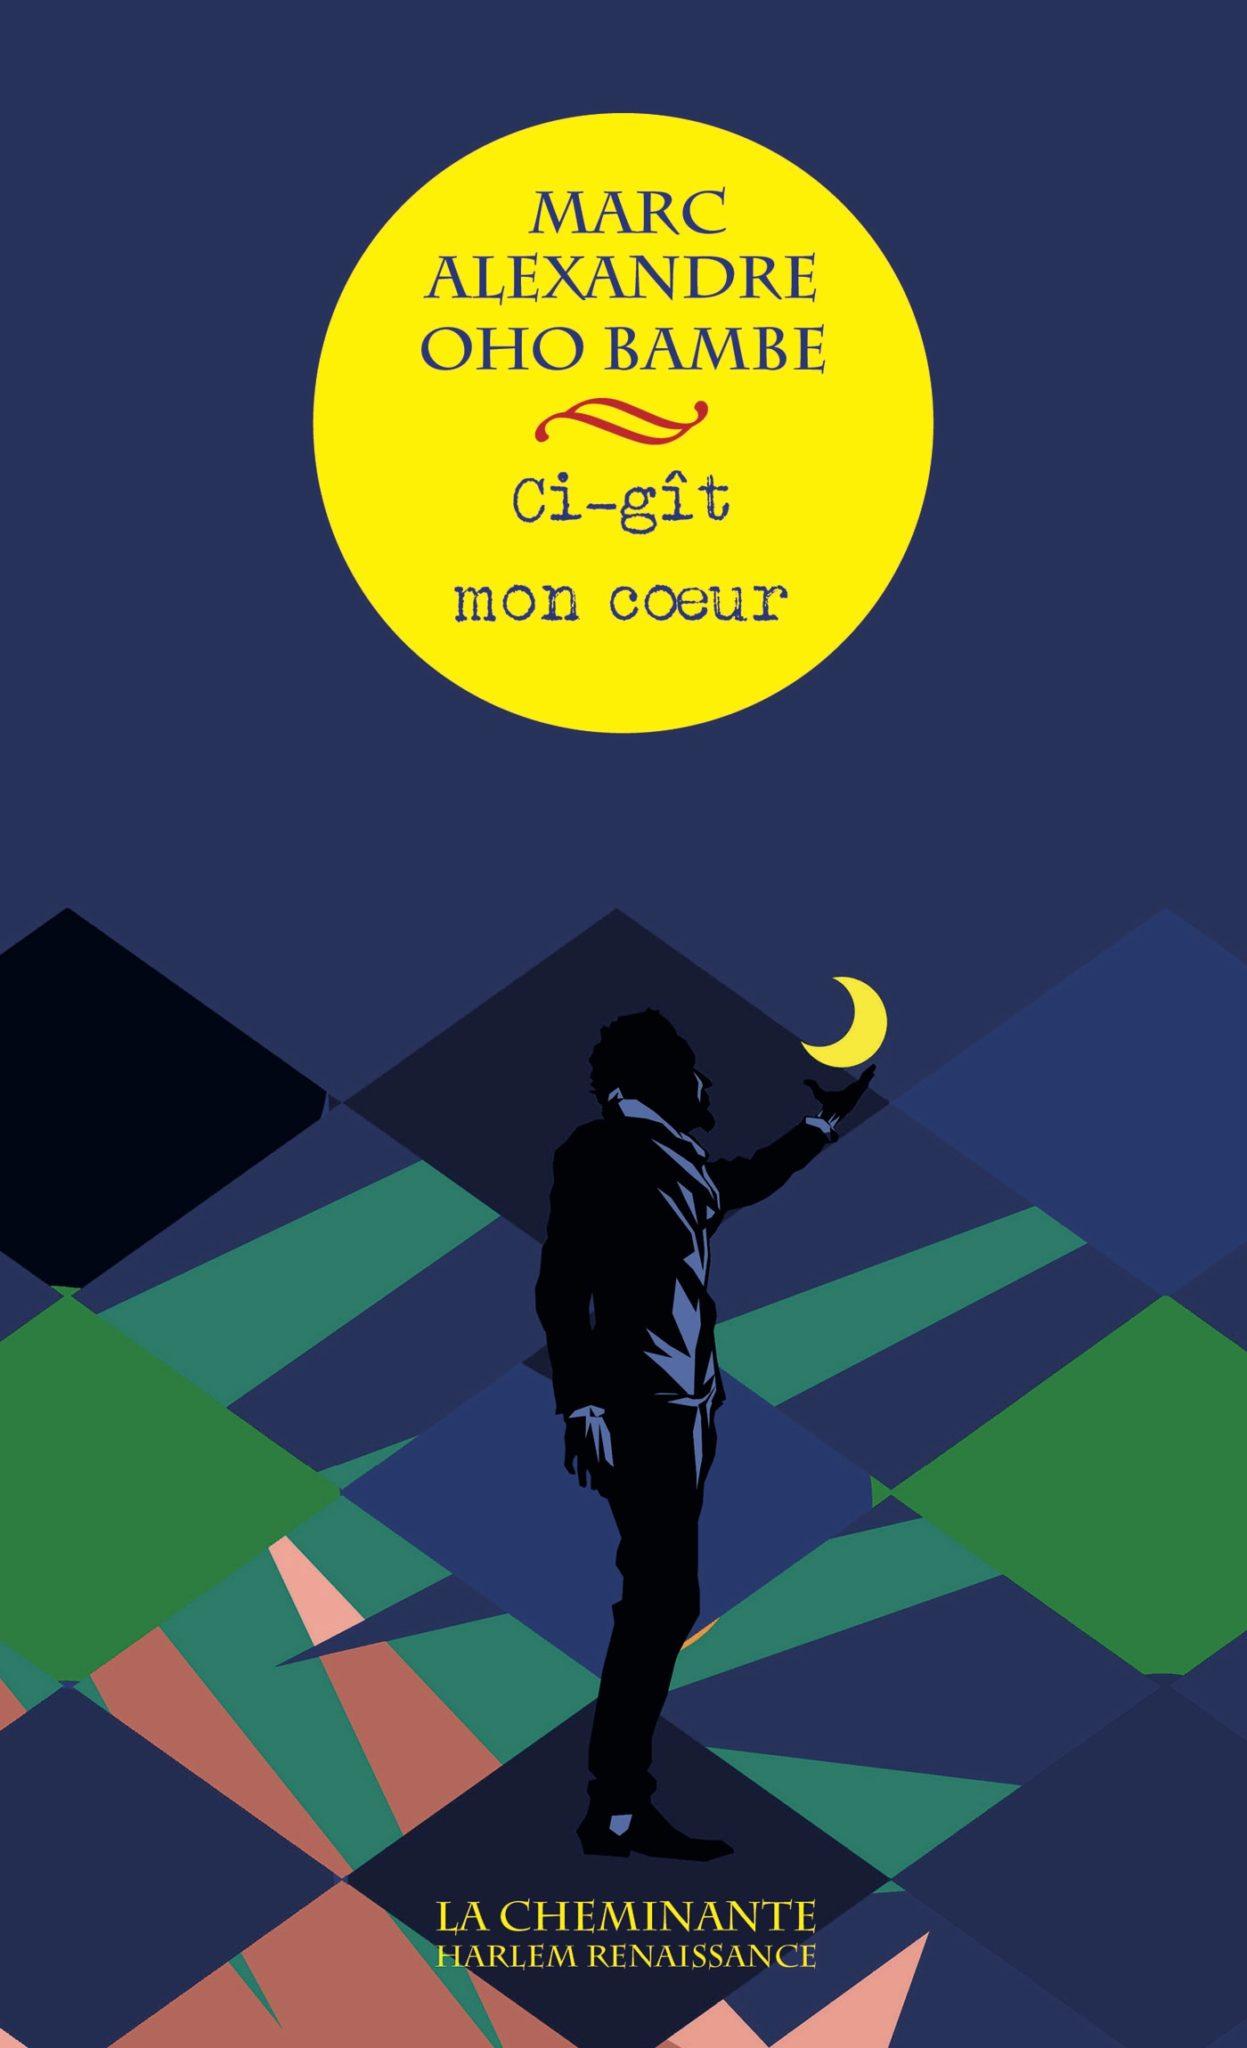 Ci-gît mon cœur de Marc Alexandre Oho Bambe image couverture livre poésie